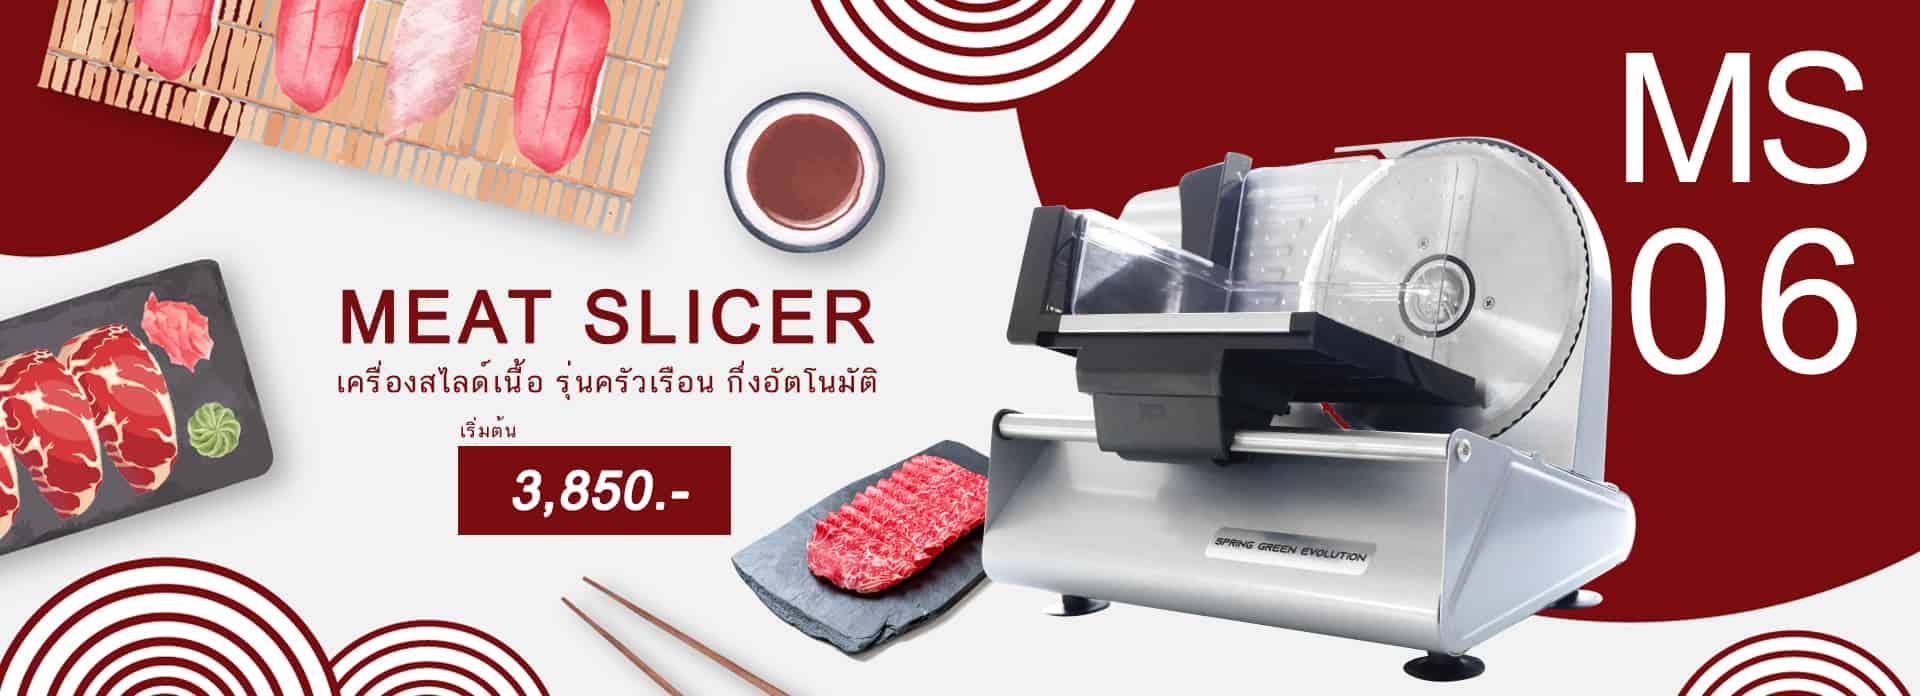 เครื่องสไลด์เนื้อ-เครื่องสไลด์หมู-MS06-ราคา-3850-Meat-slicer-price